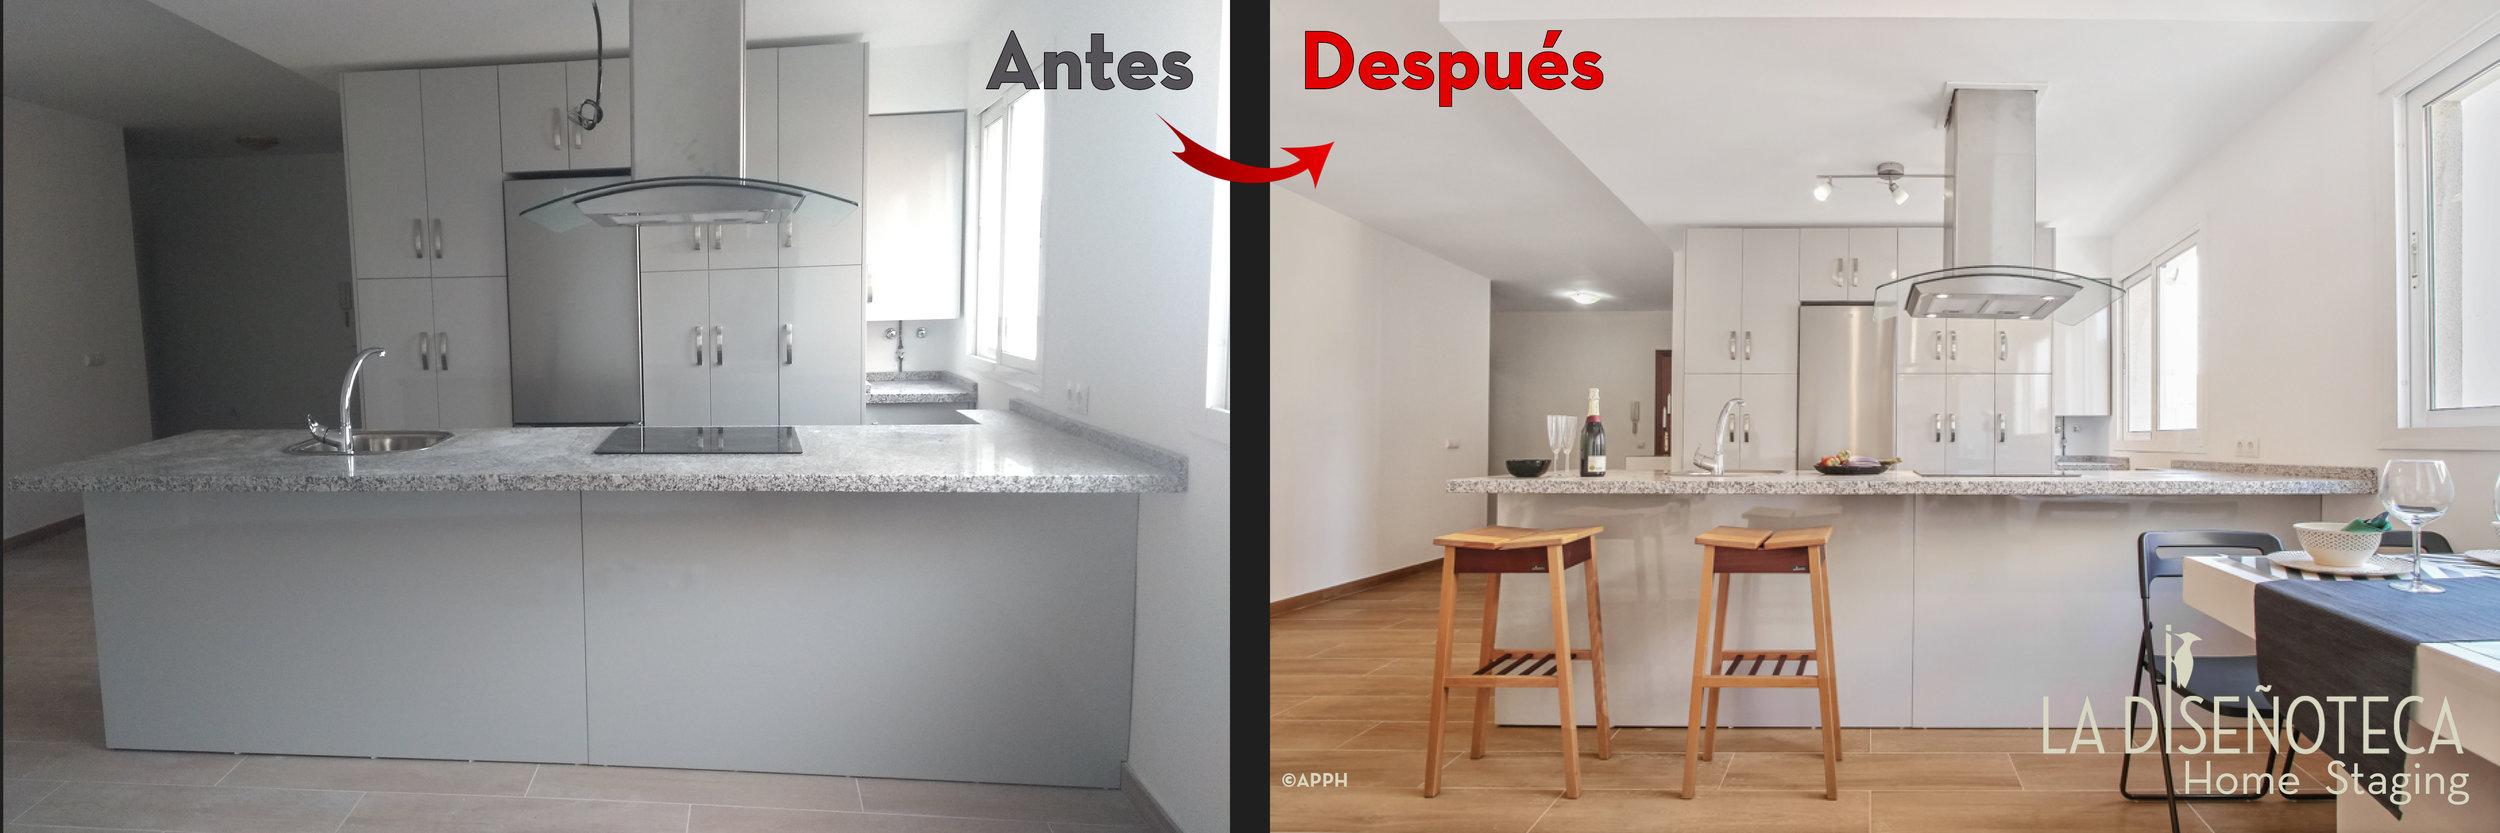 AntesyDespues Duque_2.jpg